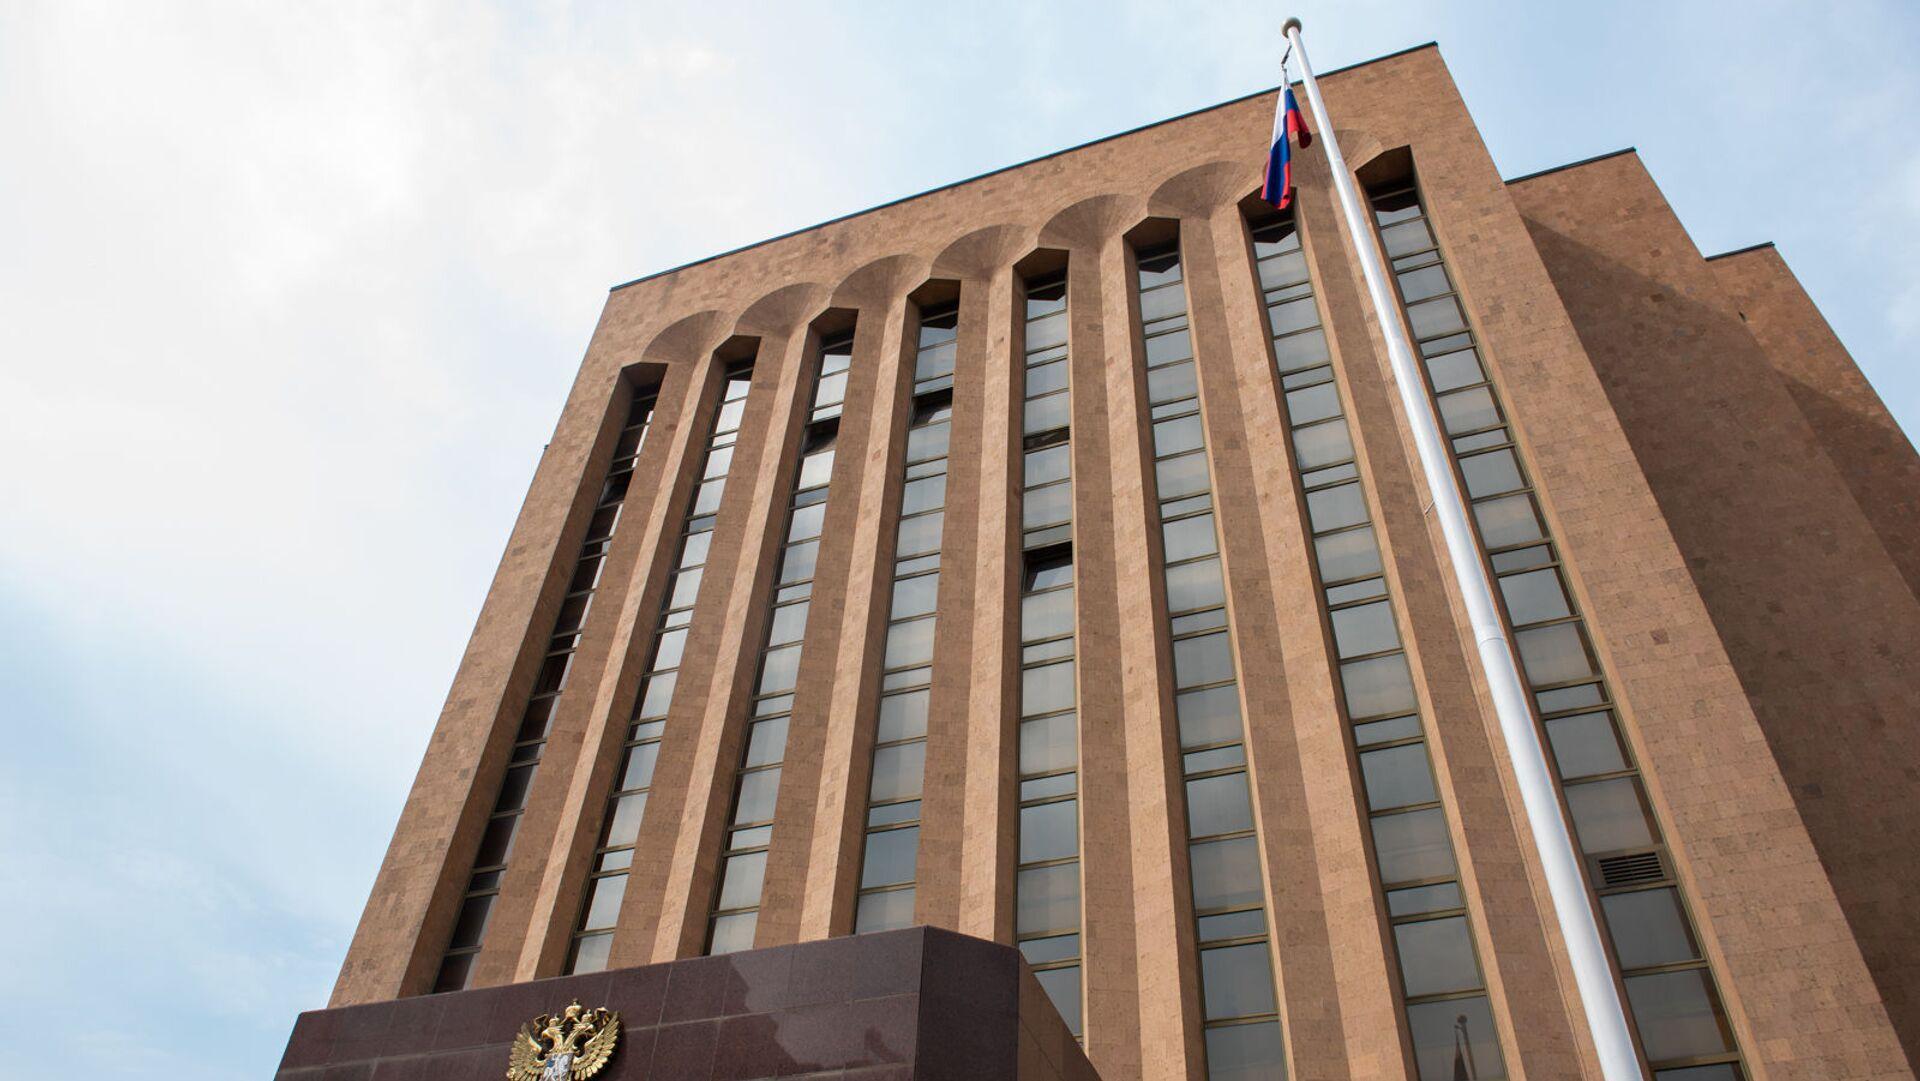 ՌԴ դեսպանատունը Երևանում - Sputnik Արմենիա, 1920, 27.09.2021